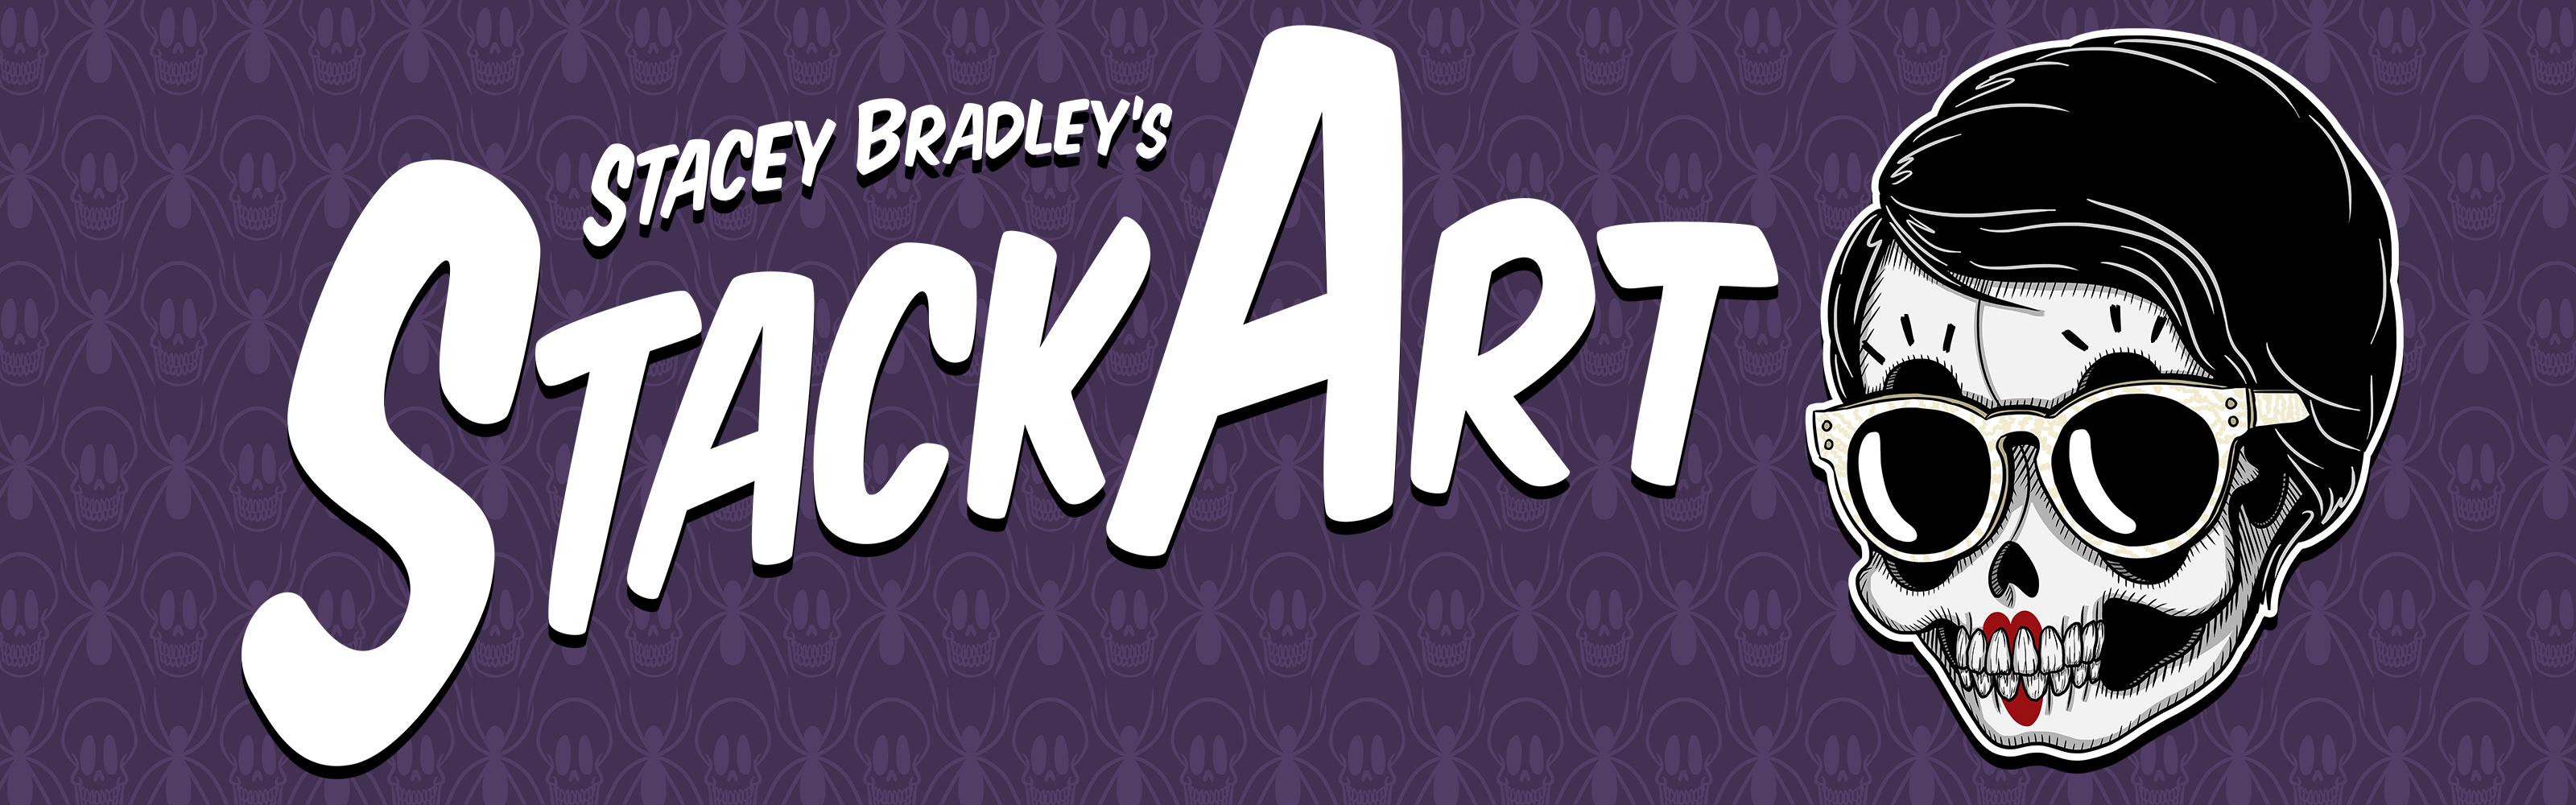 Stacey Bradley's StackArt